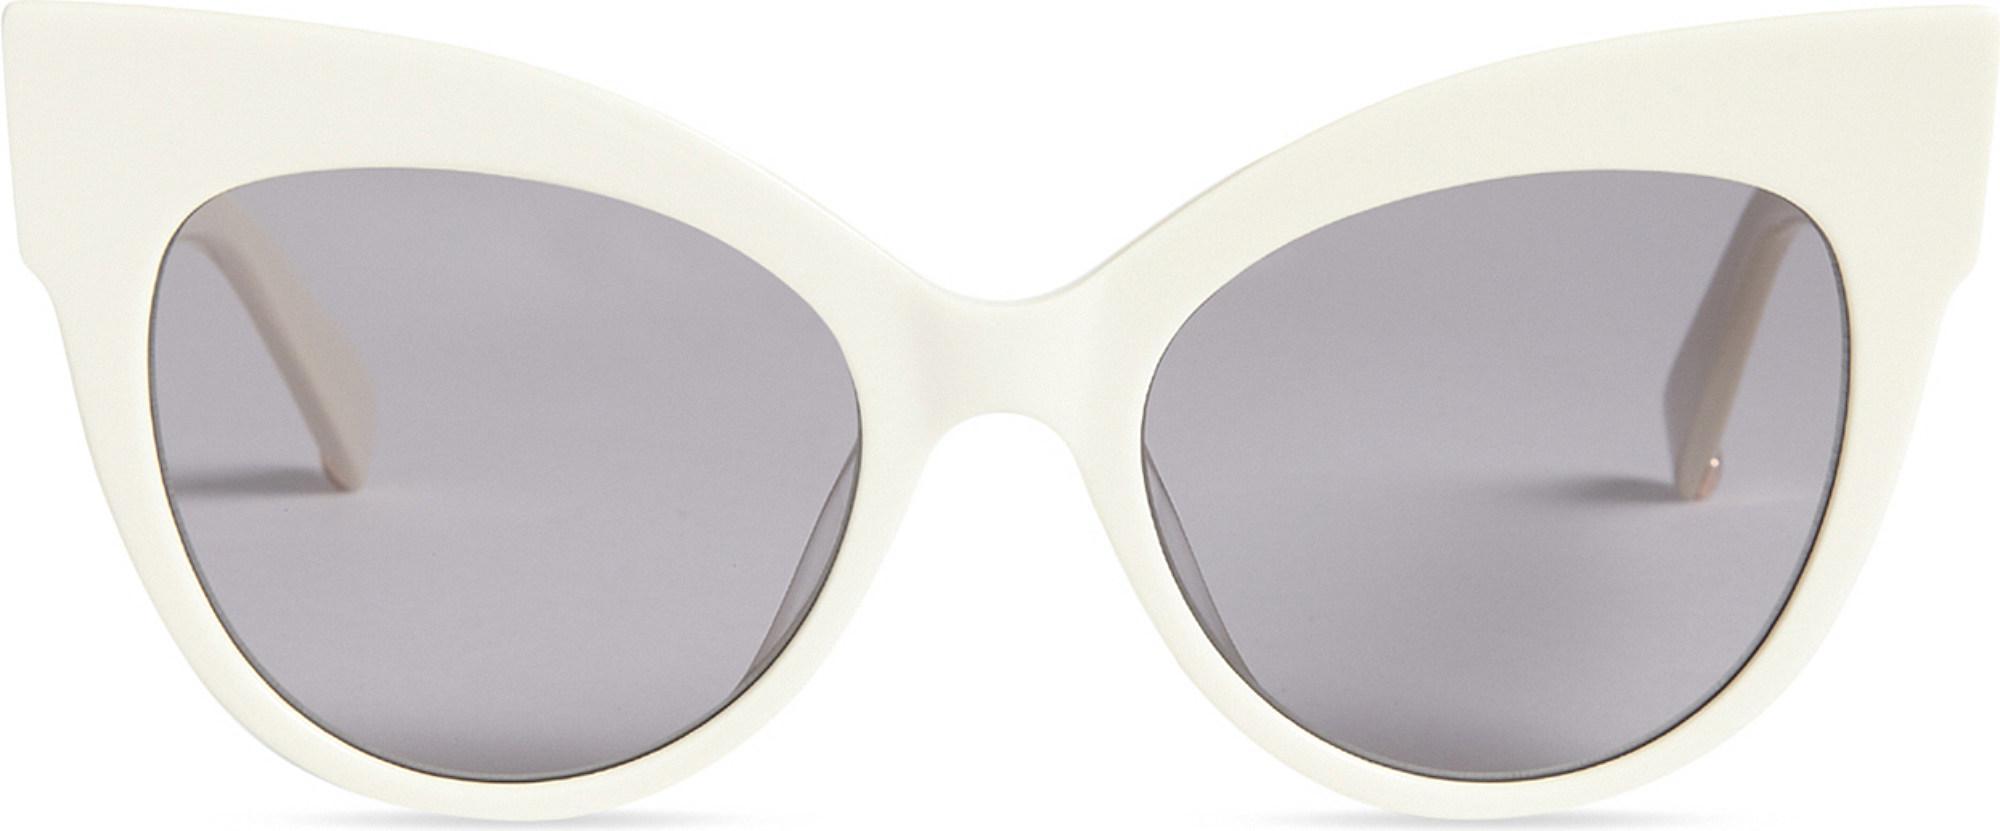 afe969d32a9 Max Mara Anita Cat-eye Sunglasses in White - Lyst